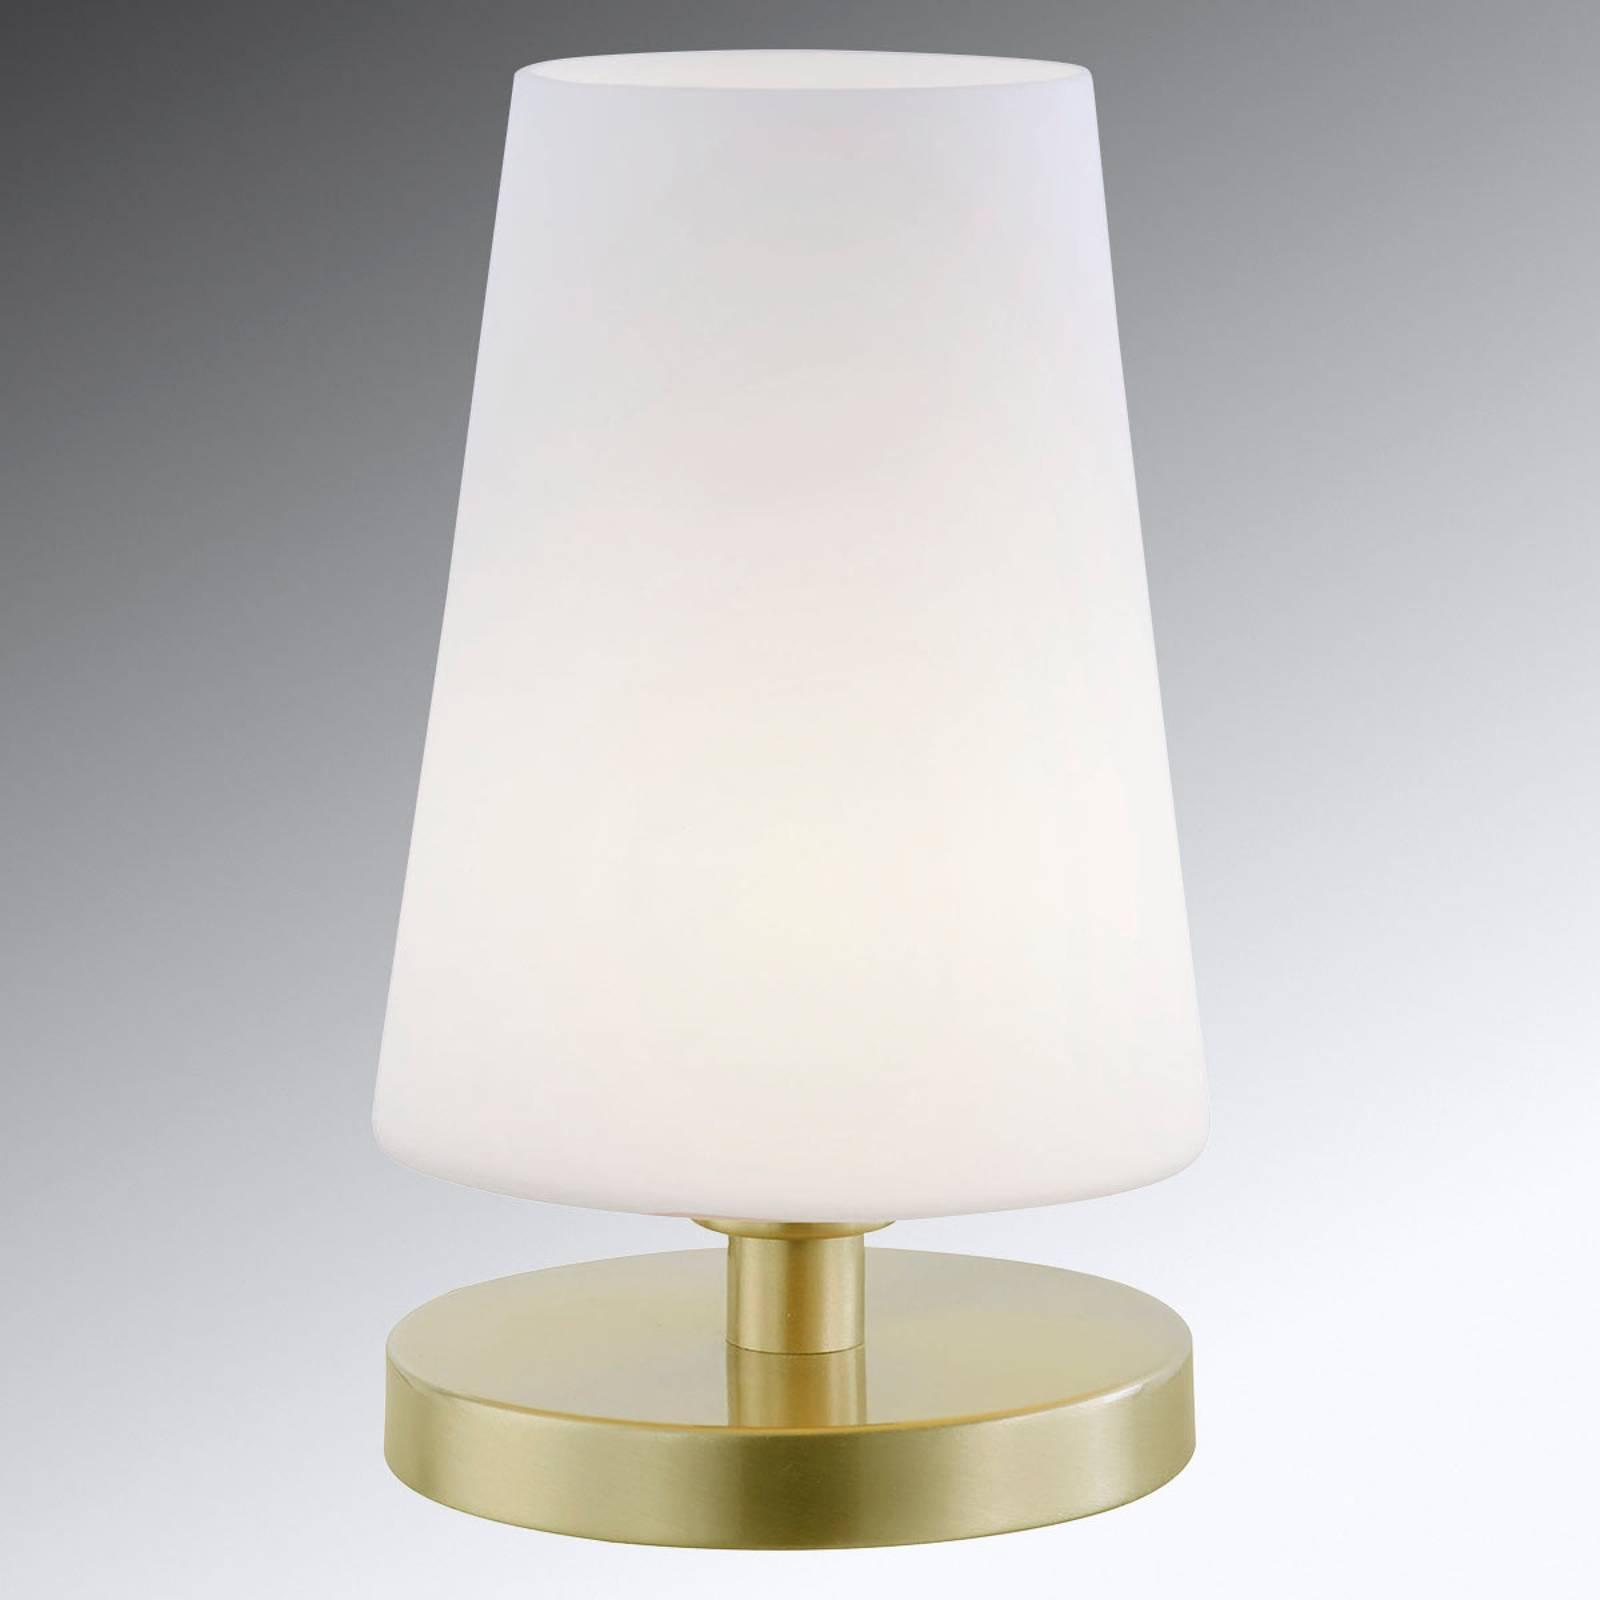 Himmennettävä LED-pöytälamppu Sonja, lasivarjostin